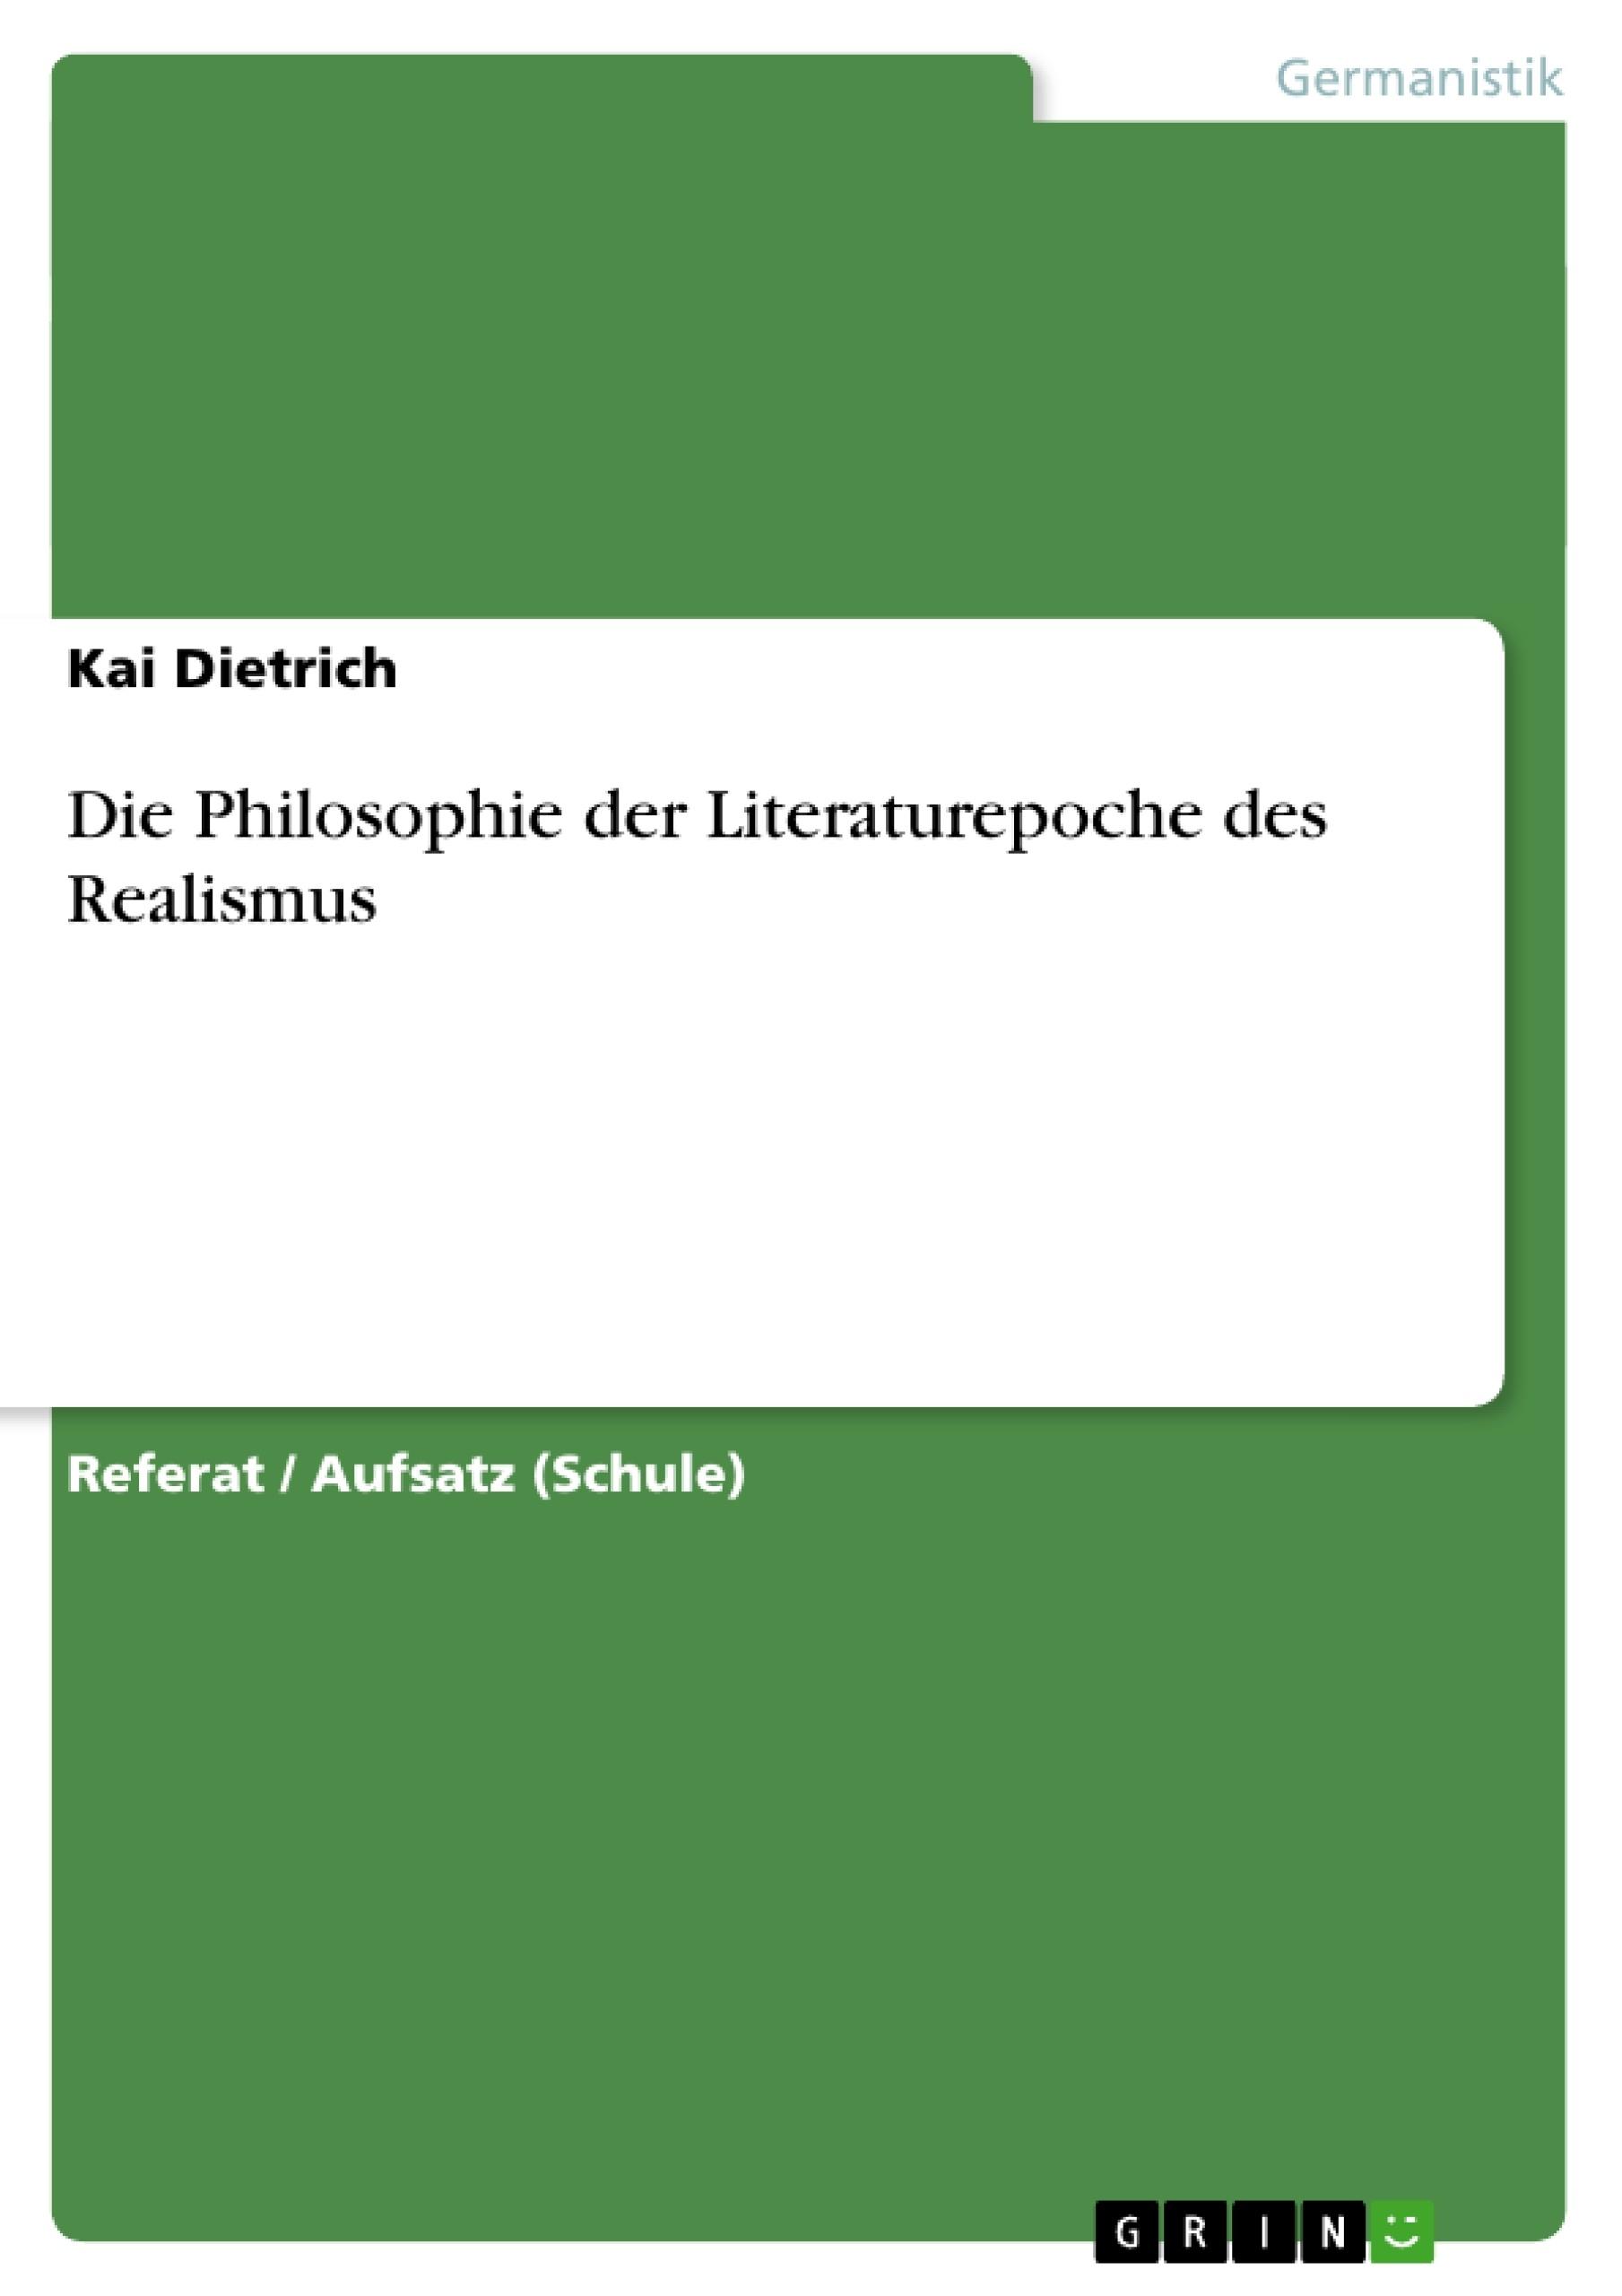 Titel: Die Philosophie der Literaturepoche des Realismus